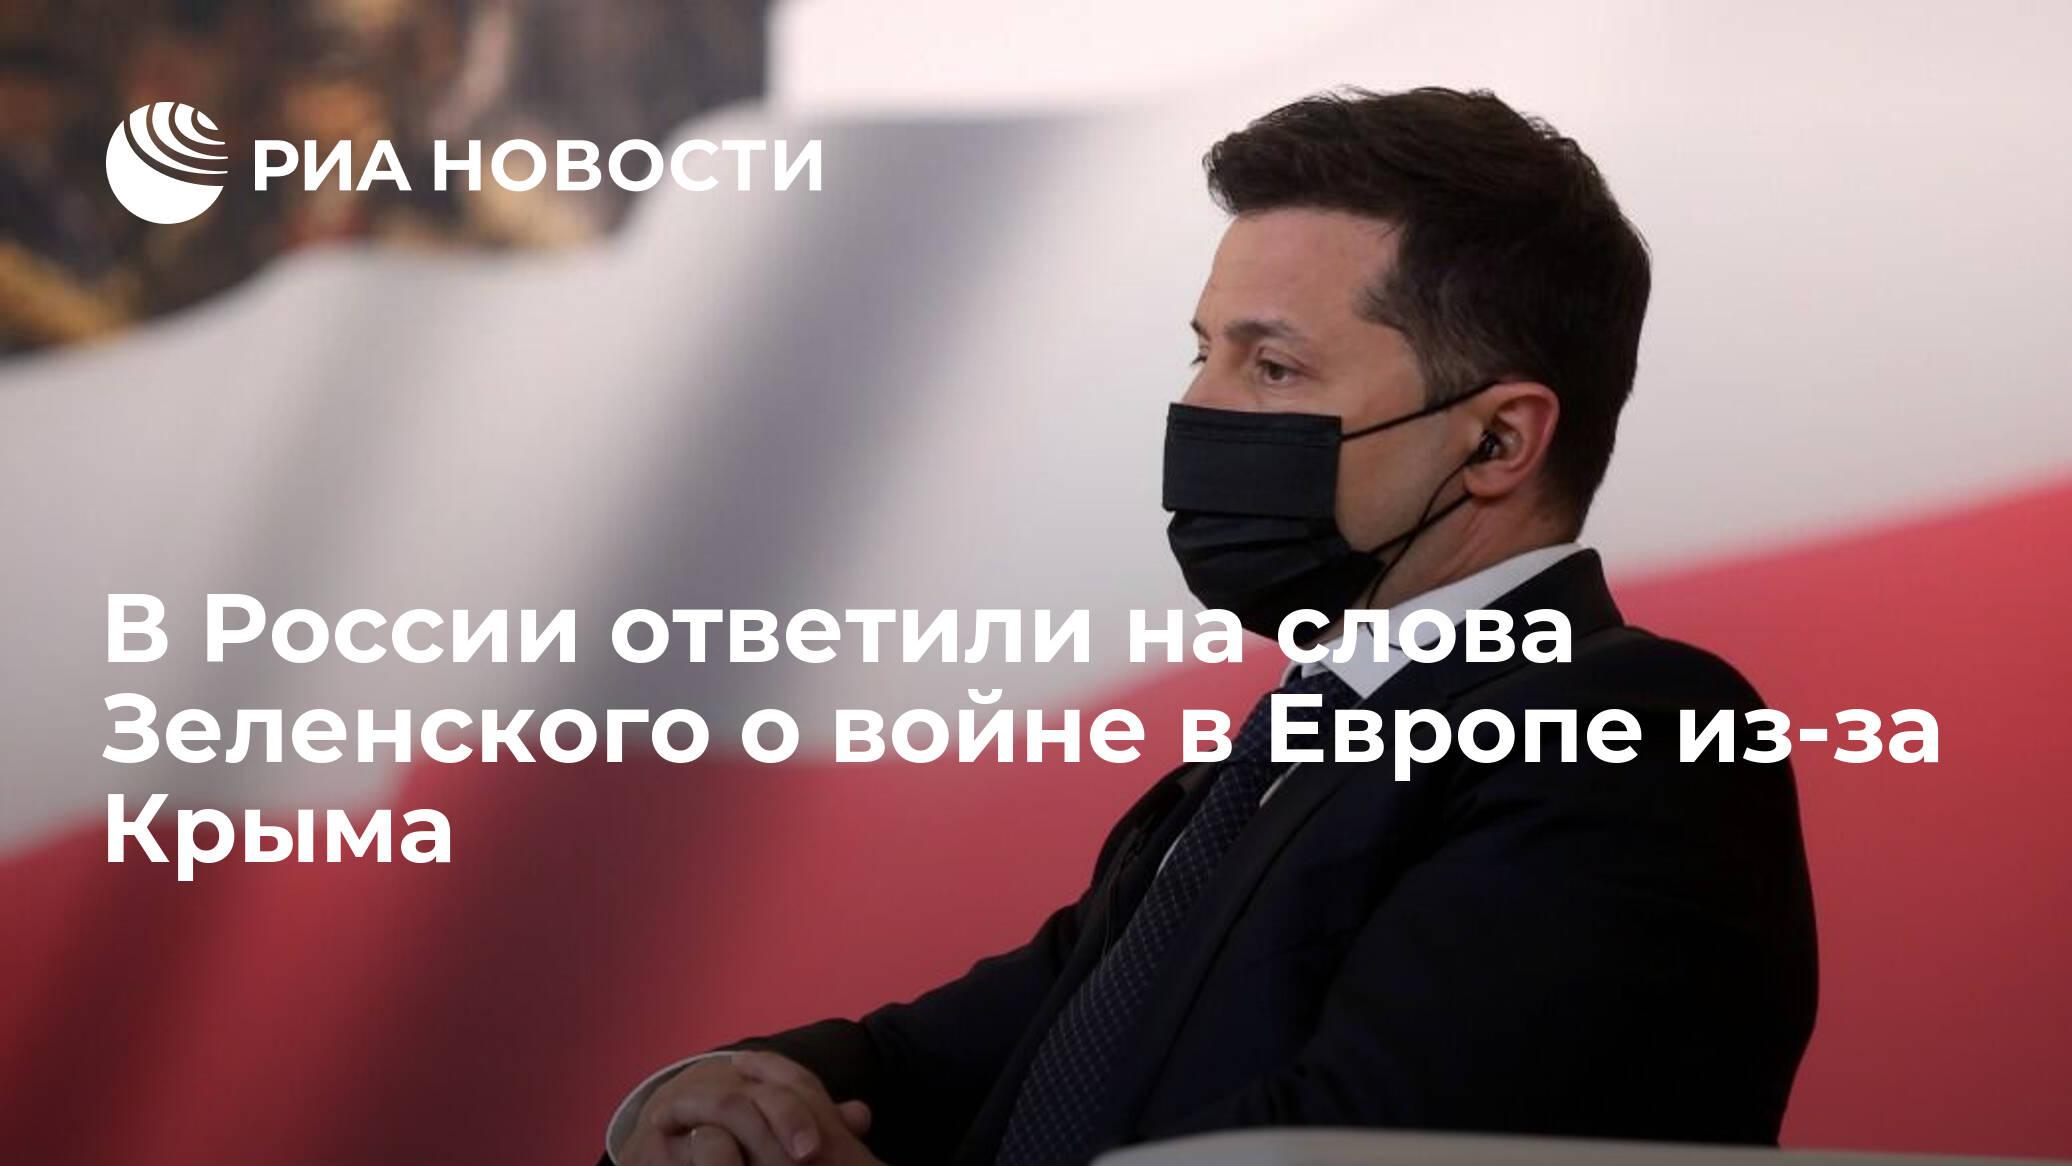 В России ответили на слова Зеленского о войне в Европе из-за Крыма